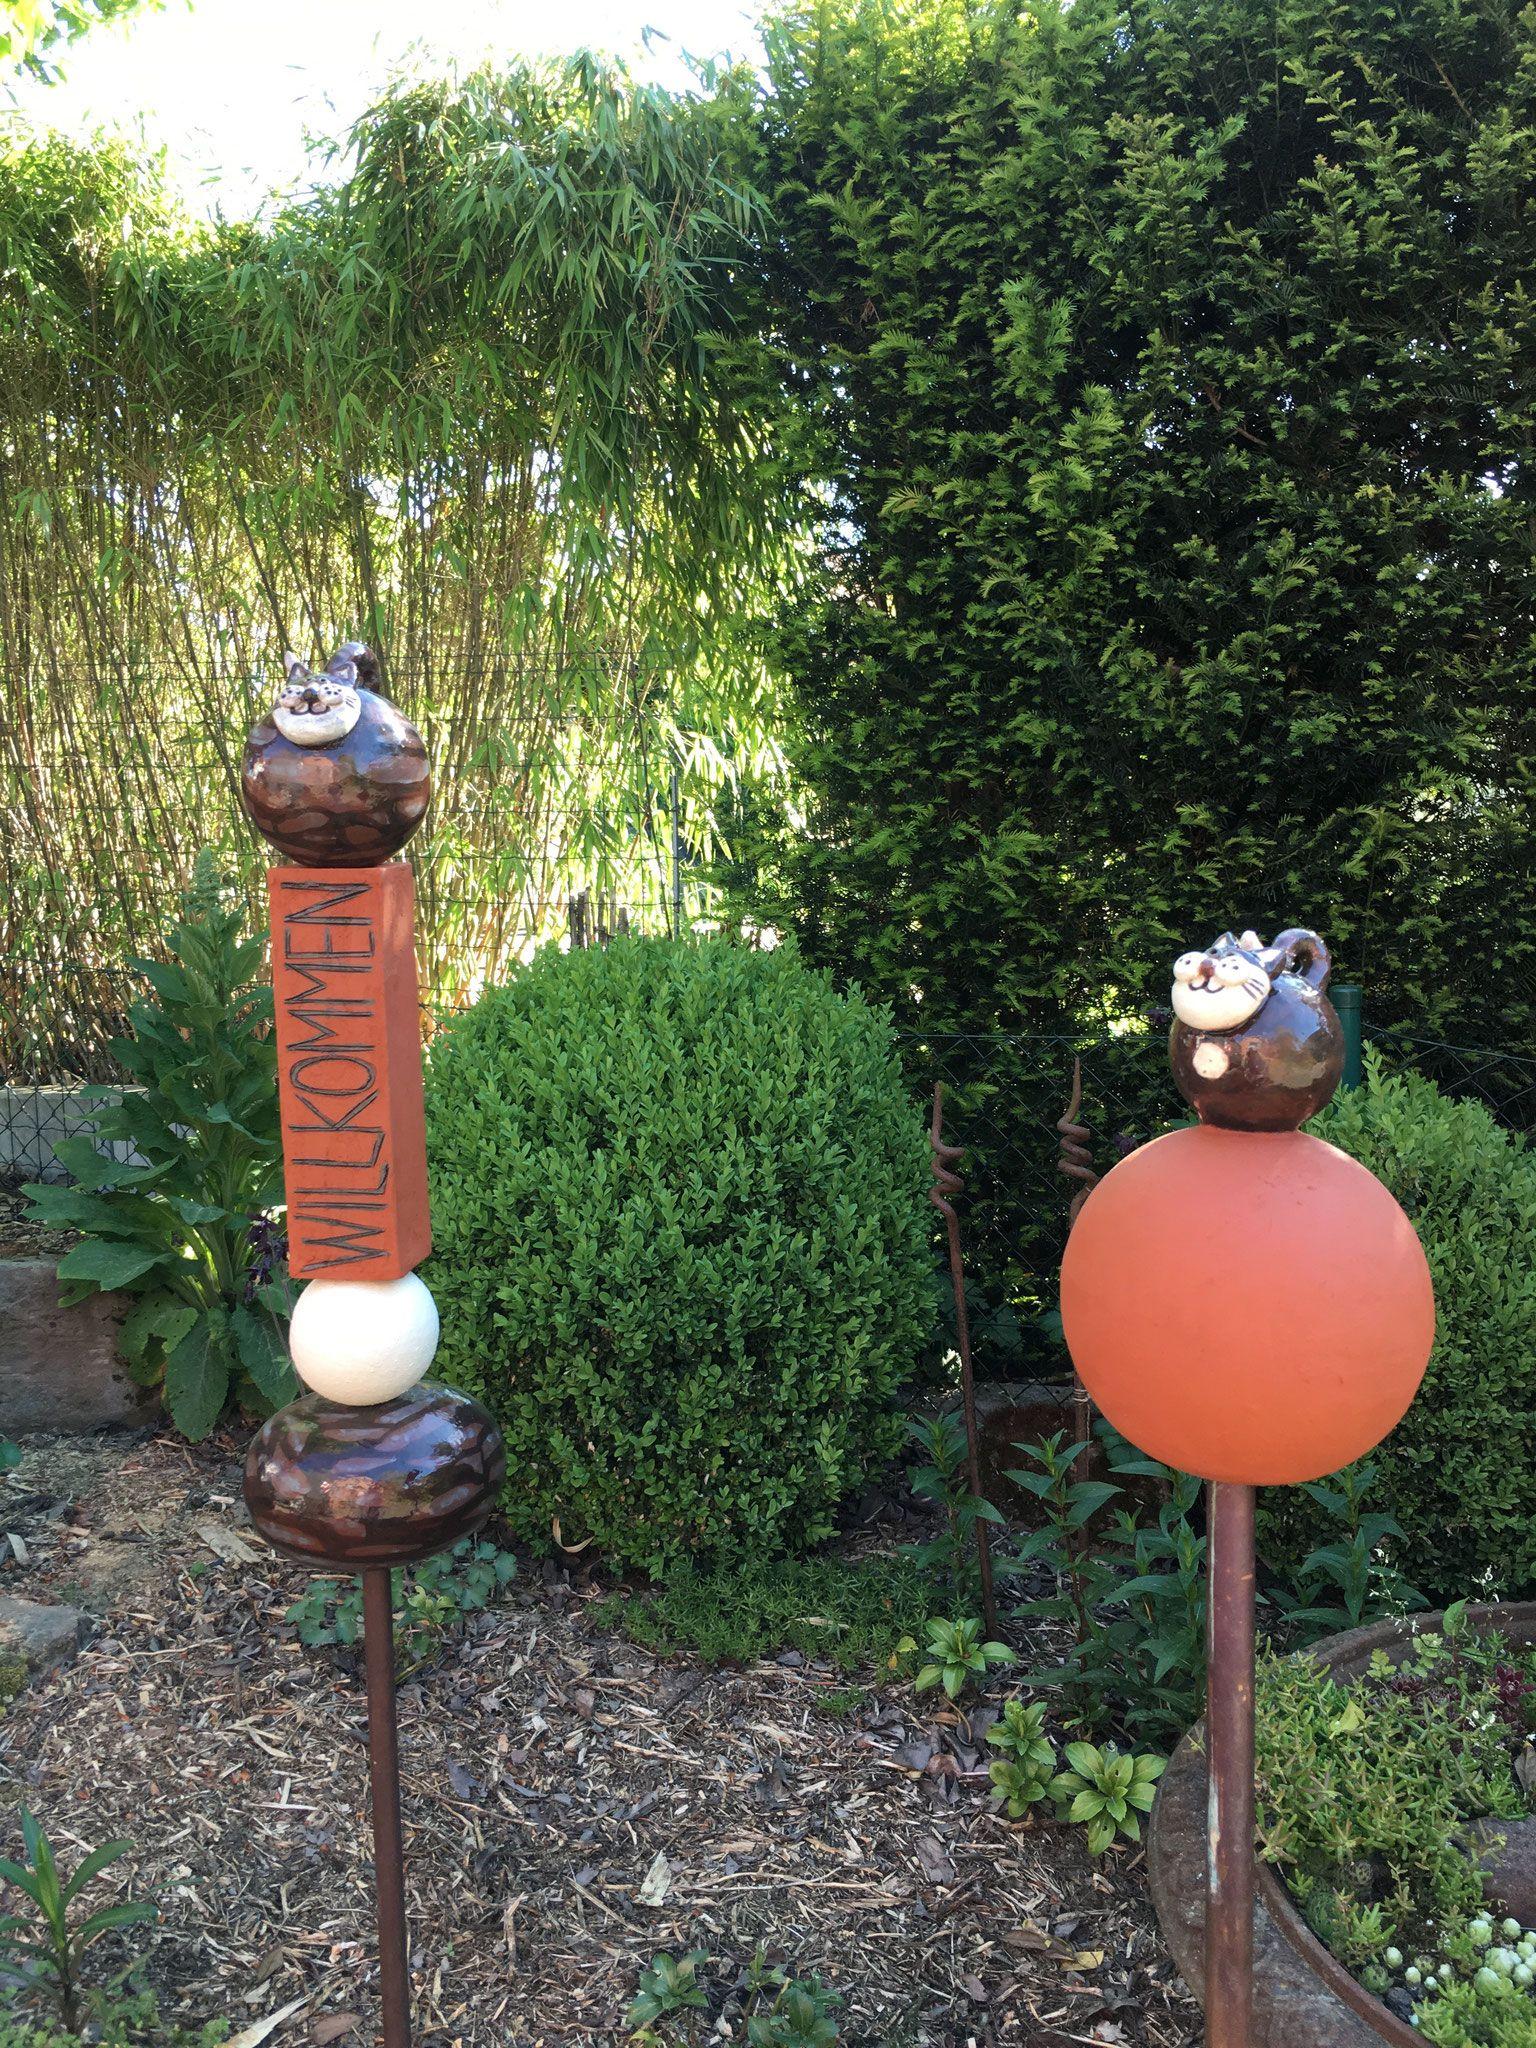 Gartenkeramik - Christian Schaffrath, Unikate aus Keramik